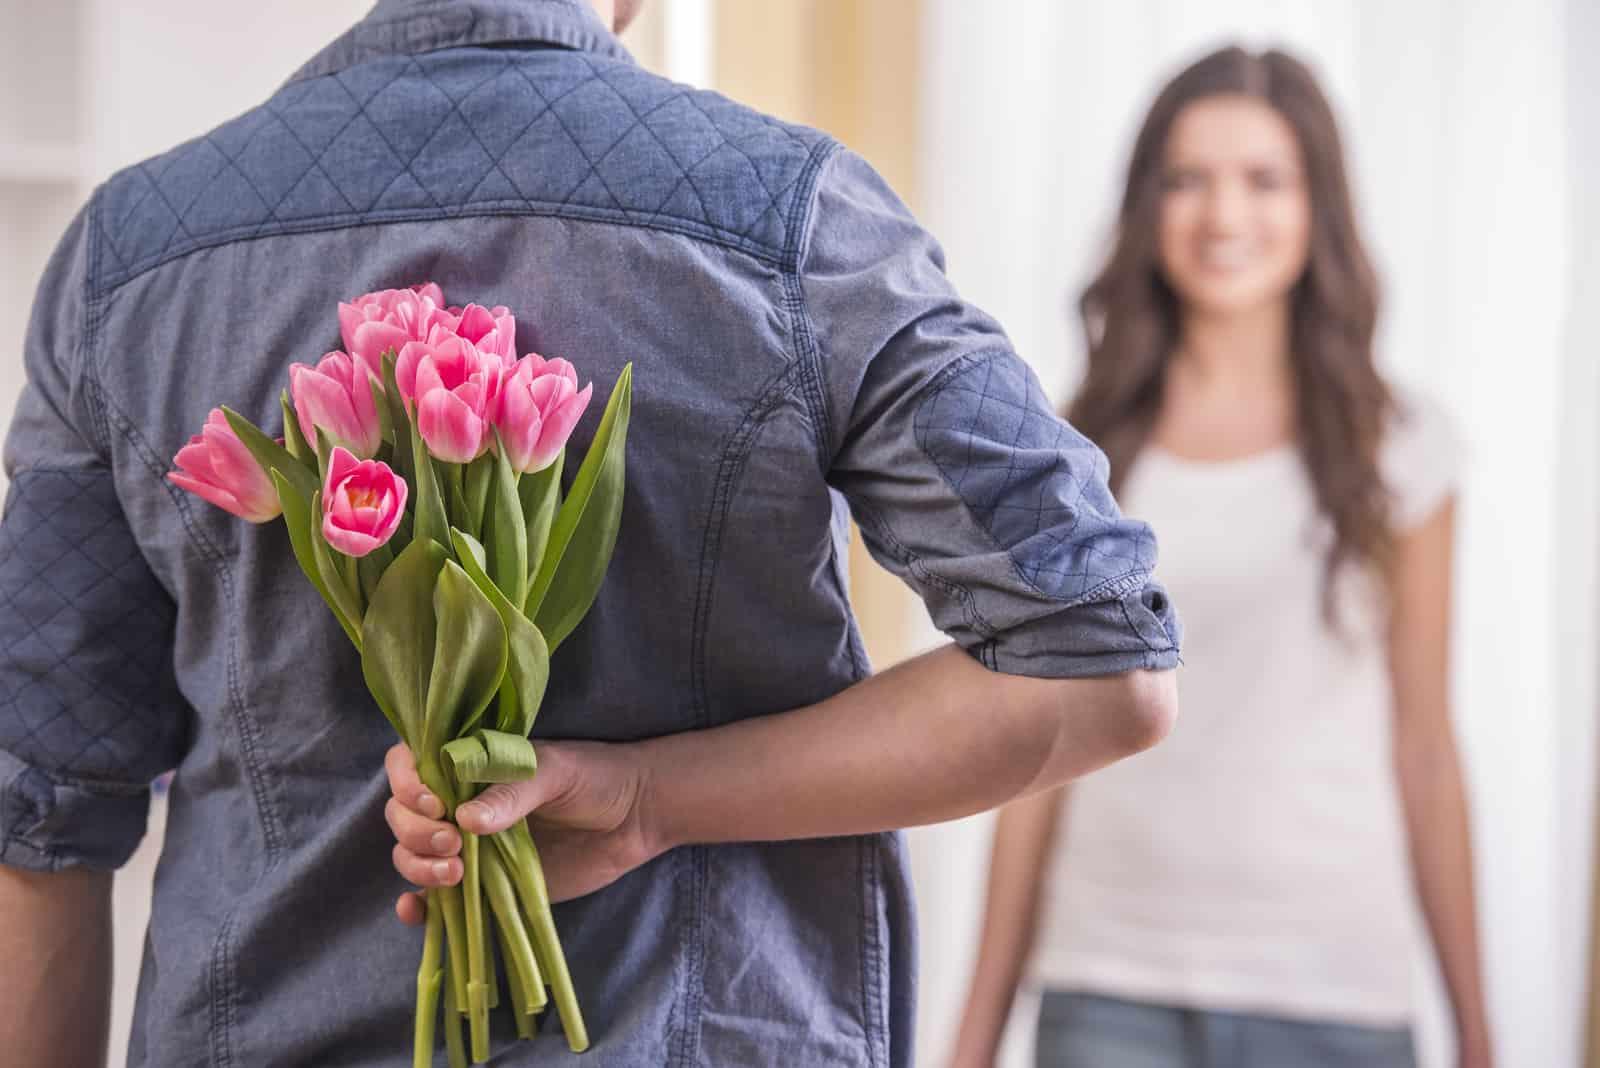 junger Mann versteckt Blumen hinter dem Rücken